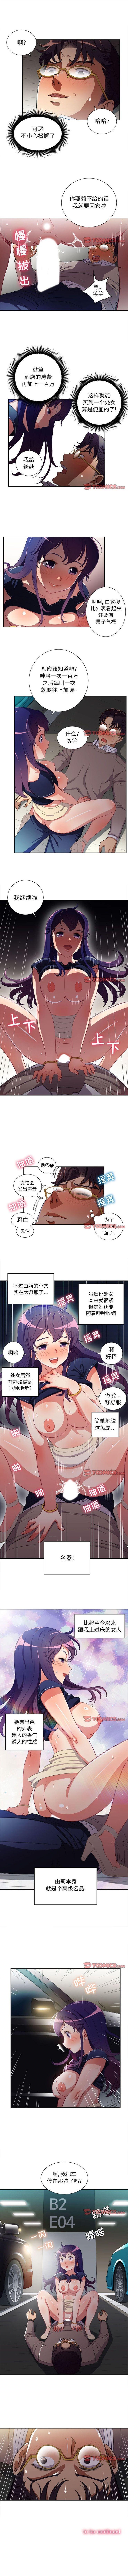 由莉的秘密1-60 中文翻译 (更新中) 265